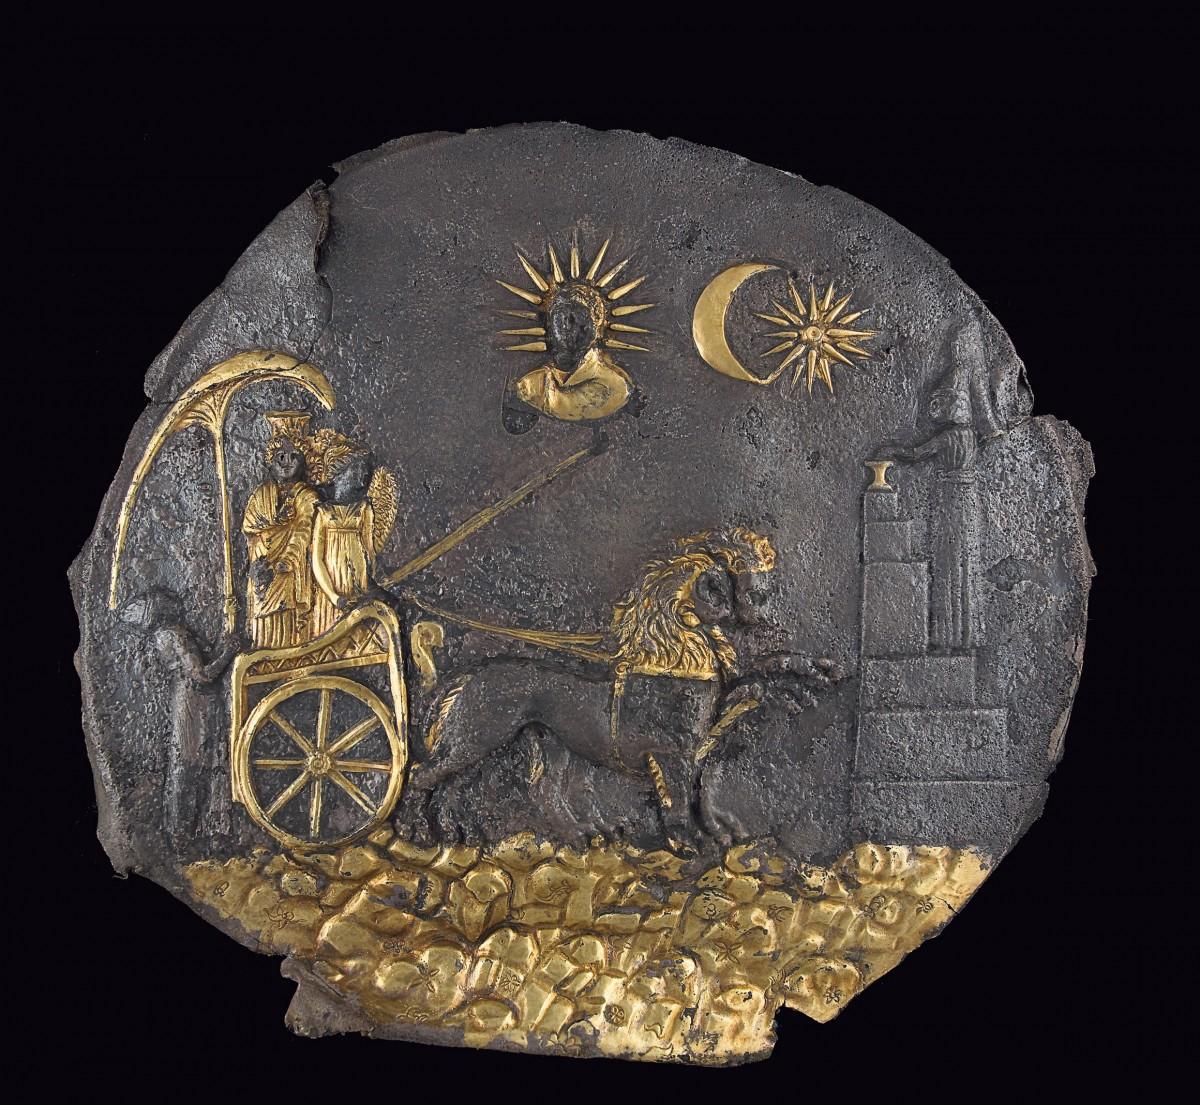 Η θεά Κυβέλη σε δίσκο από ασήμι, με λεπτομέρειες από φύλλο χρυσού. Αϊ Χανούμ, περ. 200 π.Χ.